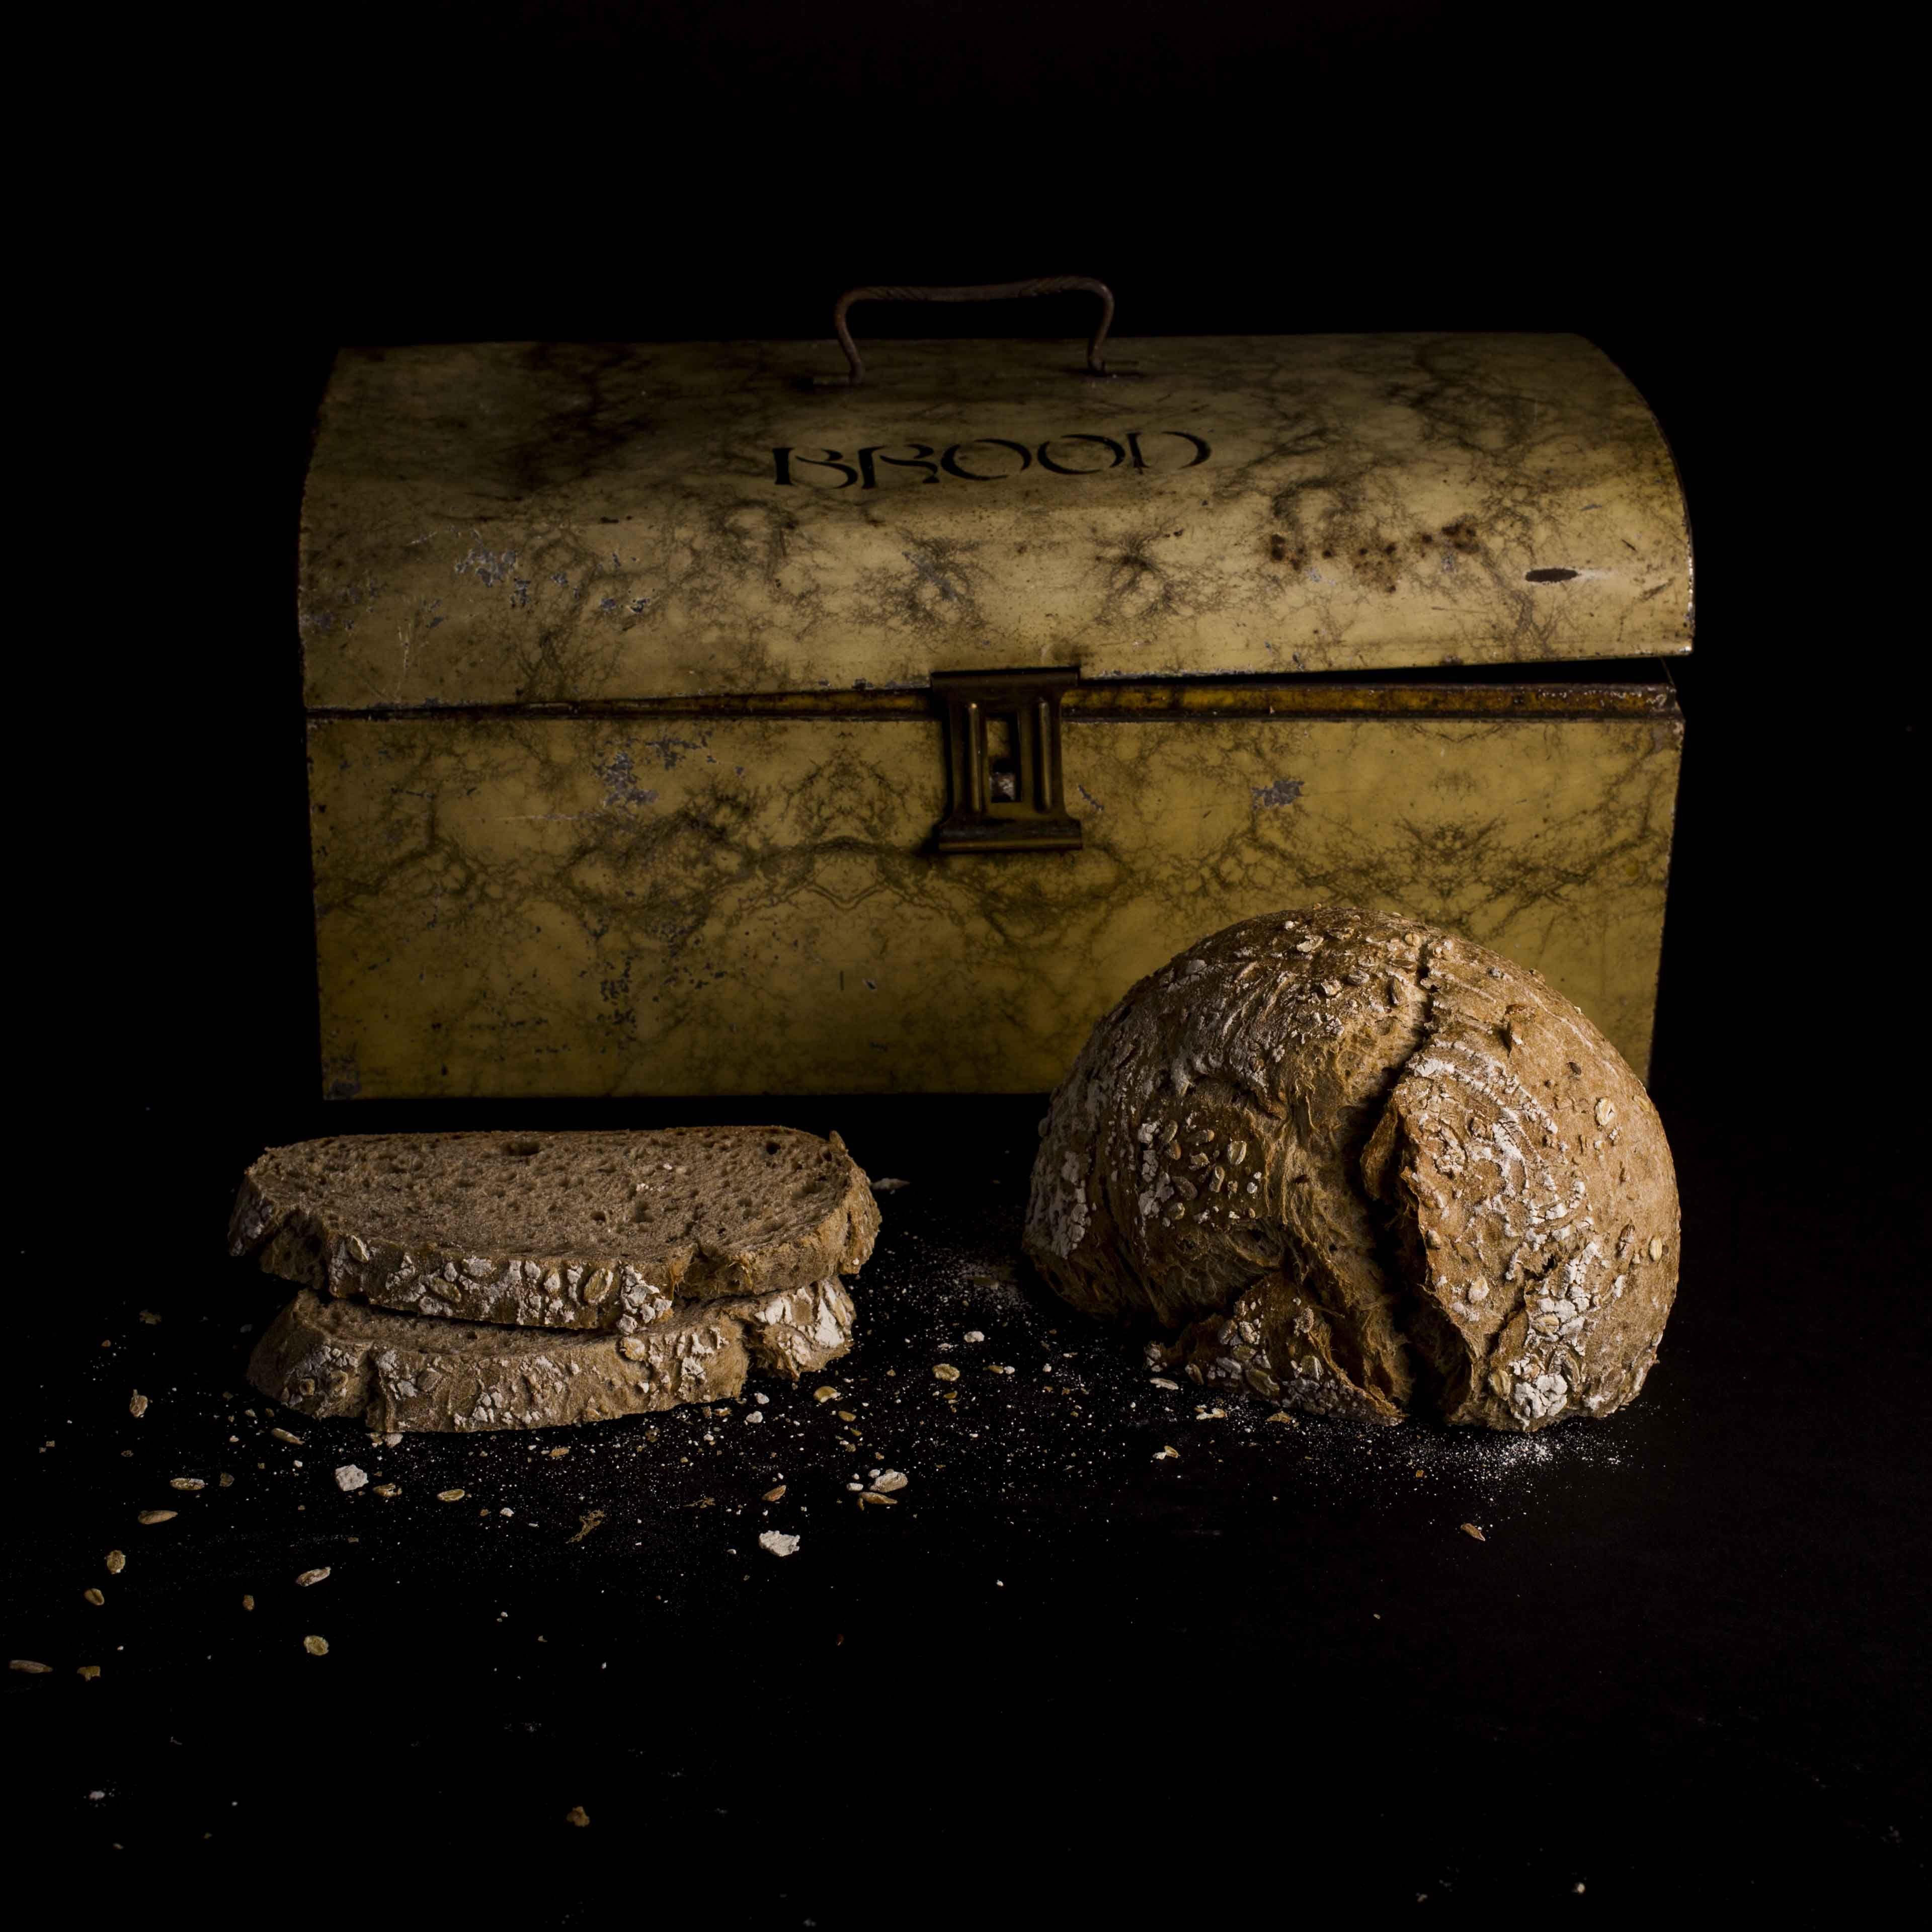 Broodtrommeltje